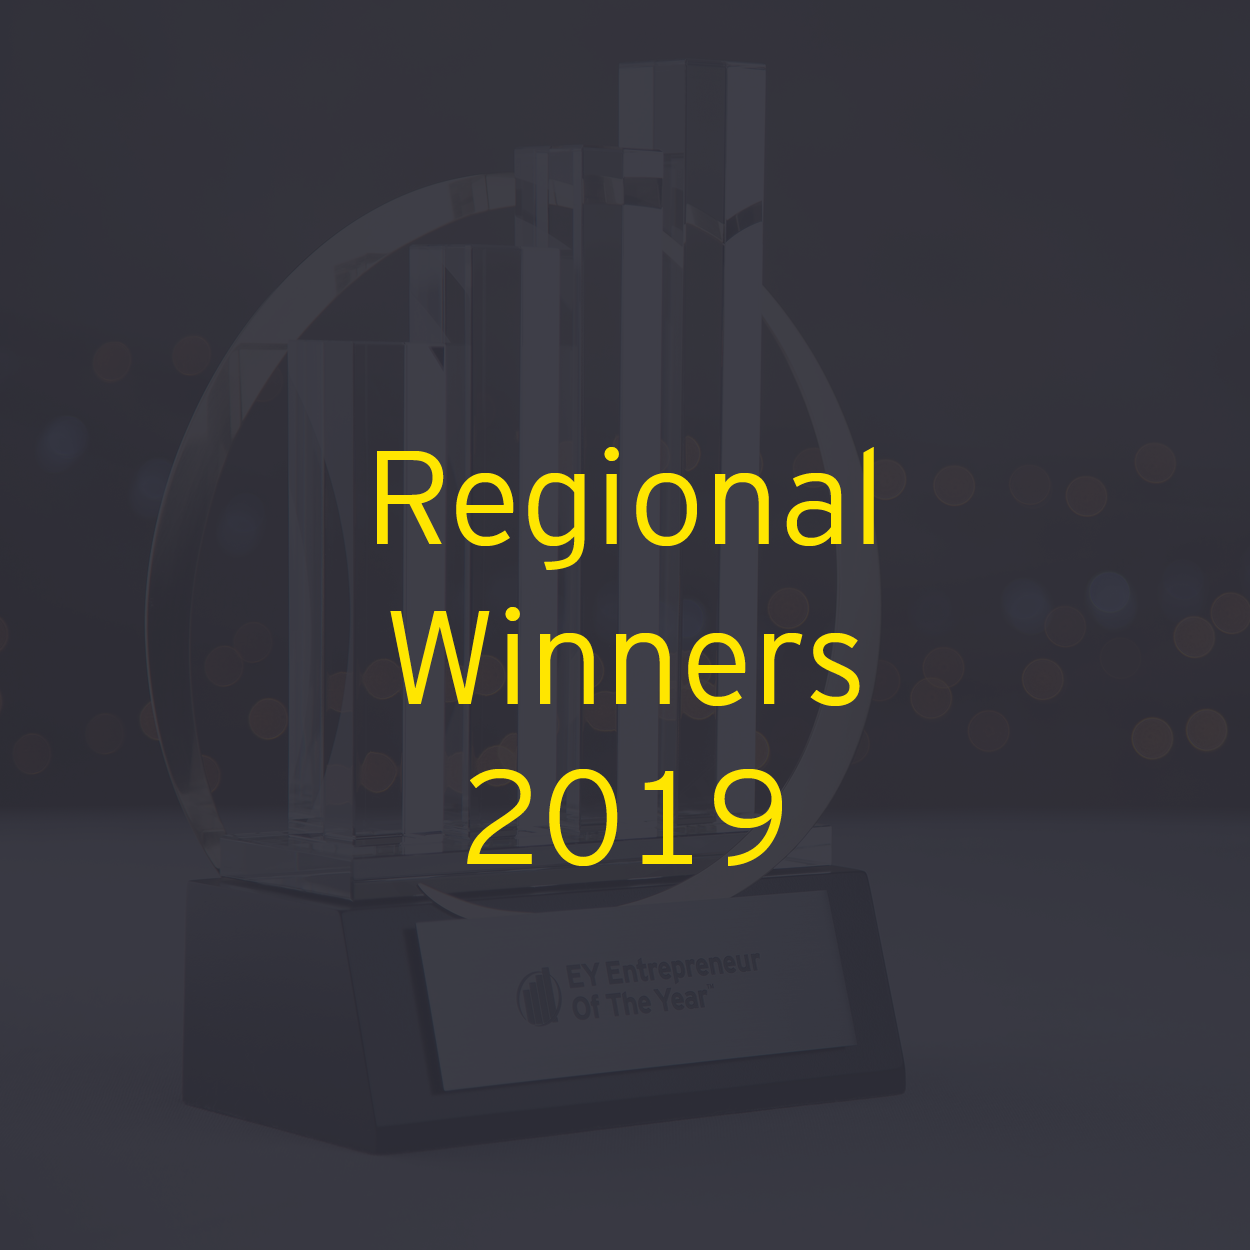 EY - Regional Winners 2019